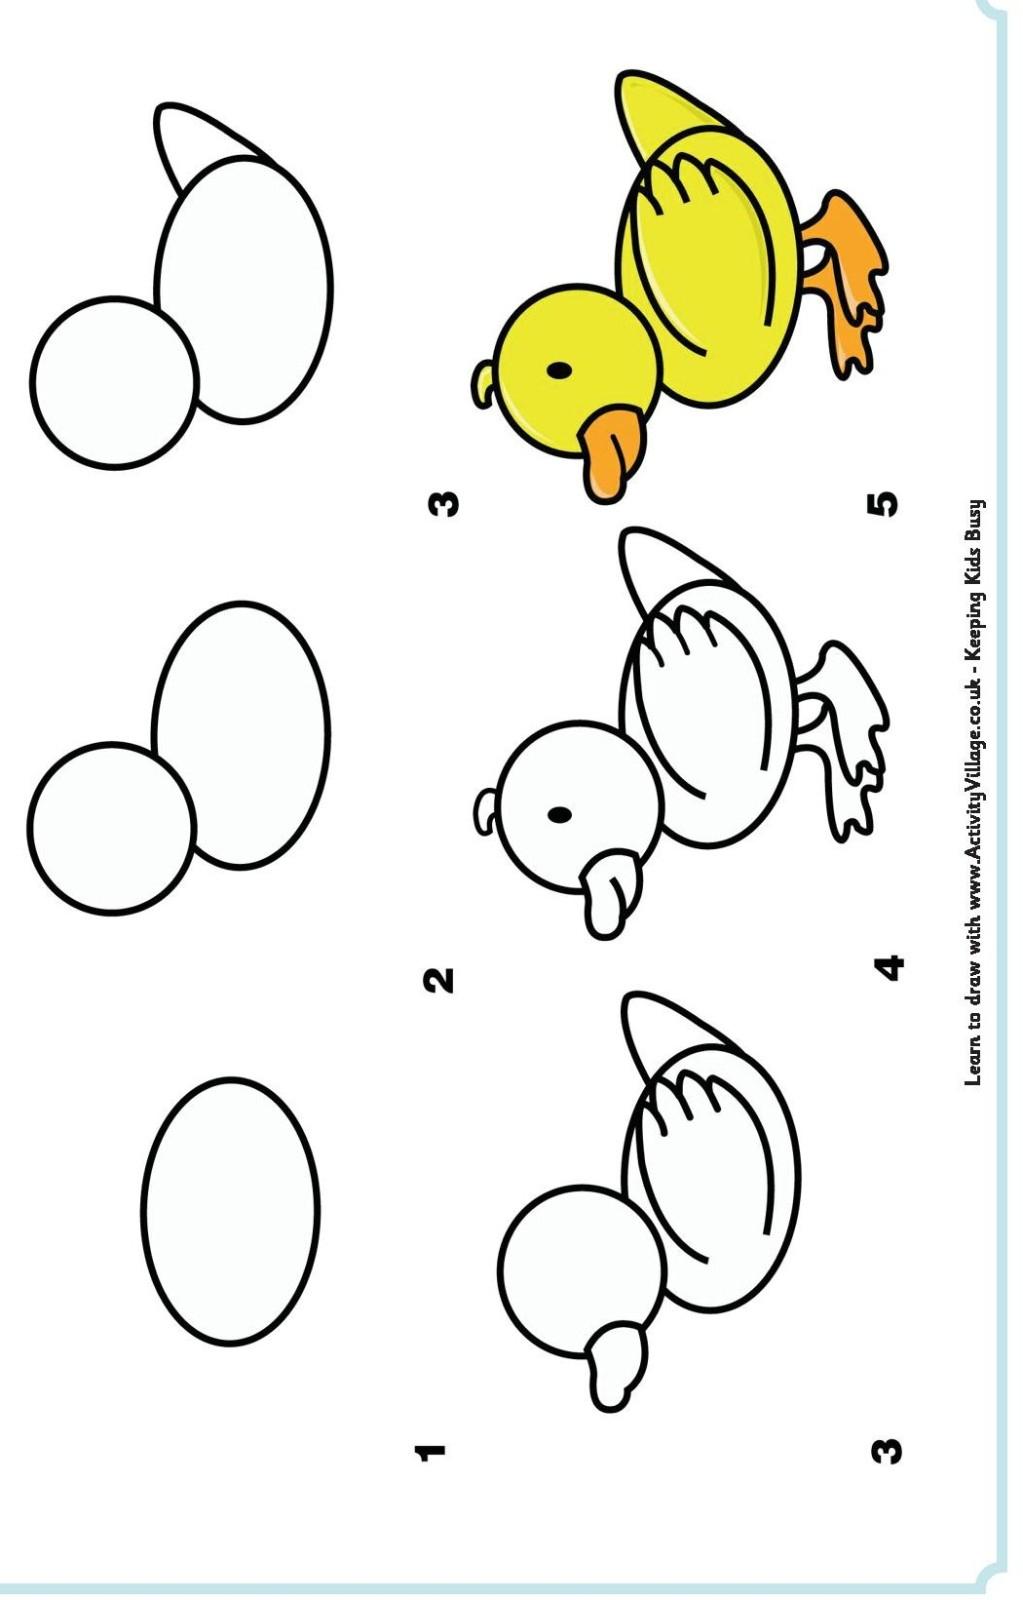 Apprendre À Dessiner - La Maternelle De Camille pour Apprendre A Dessiner Des Animaux Facilement Et Gratuitement